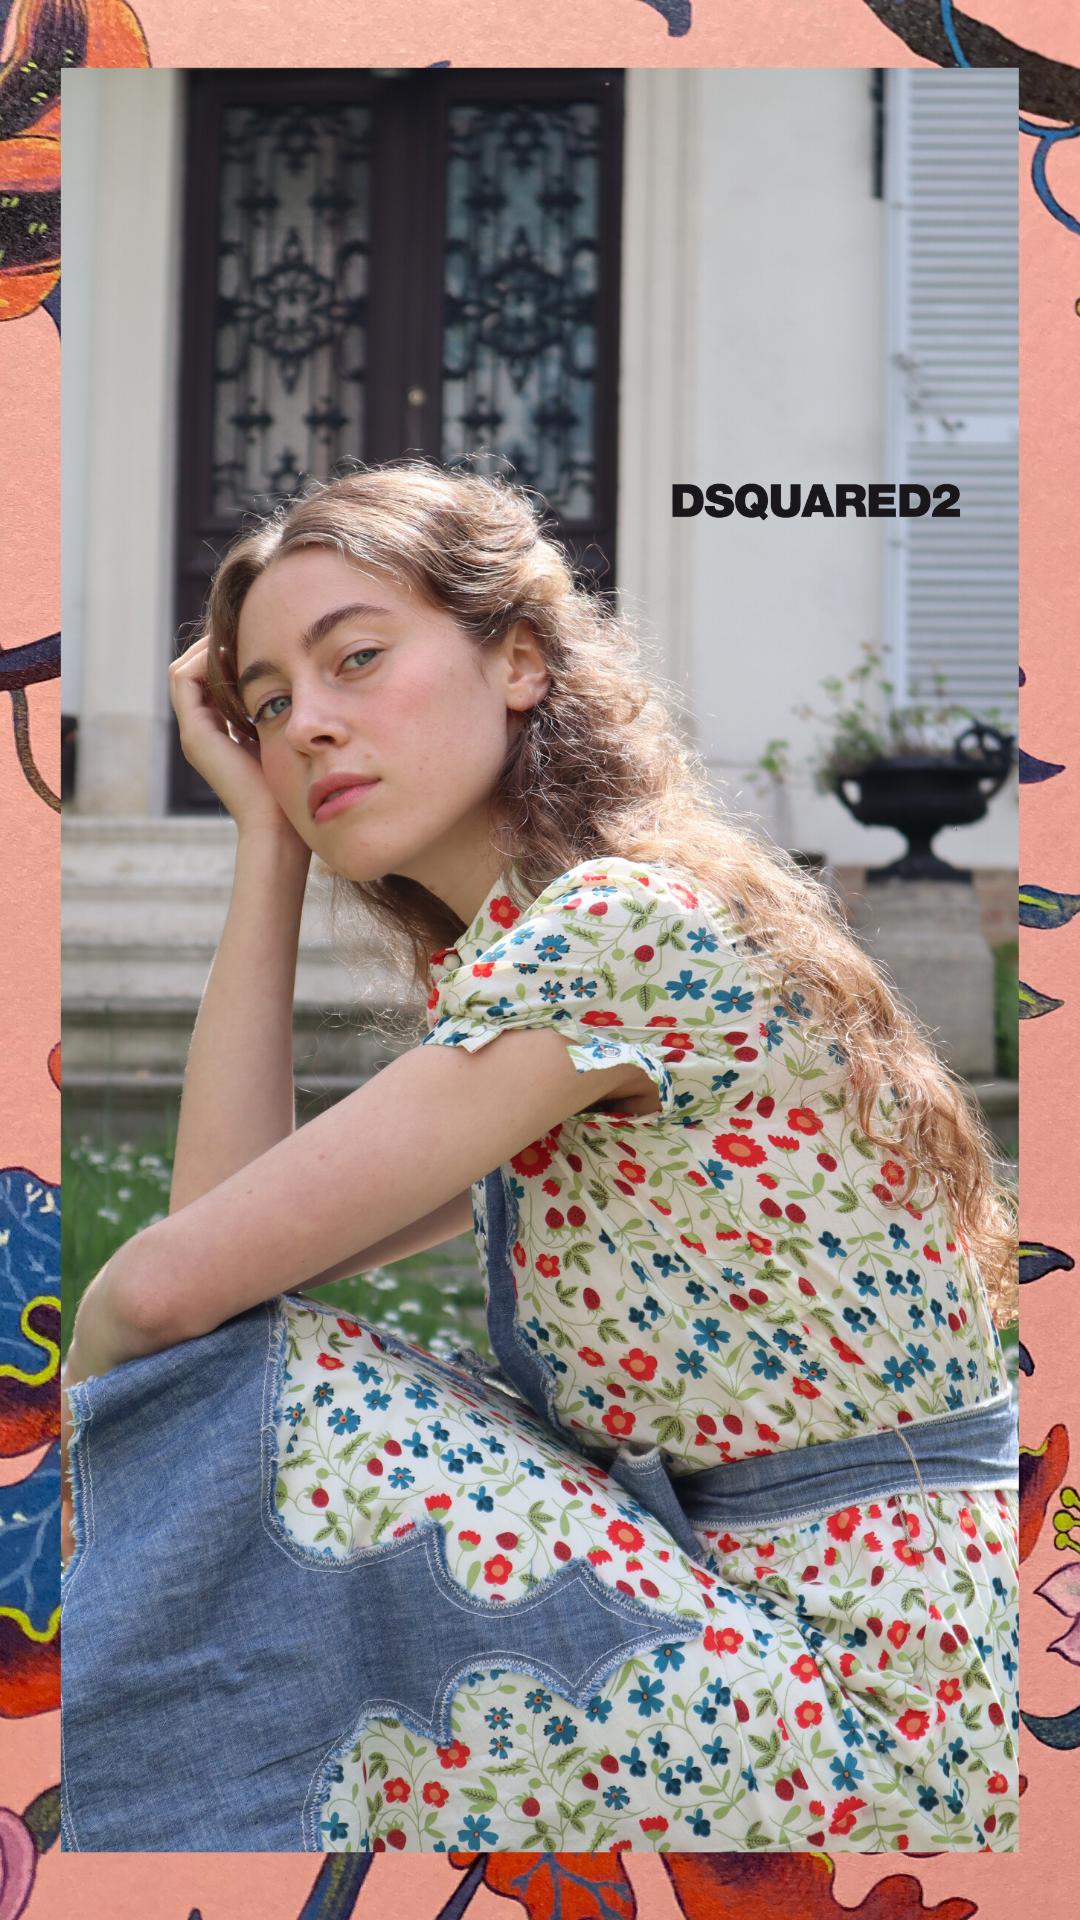 Dsquared2 Dress - 240€